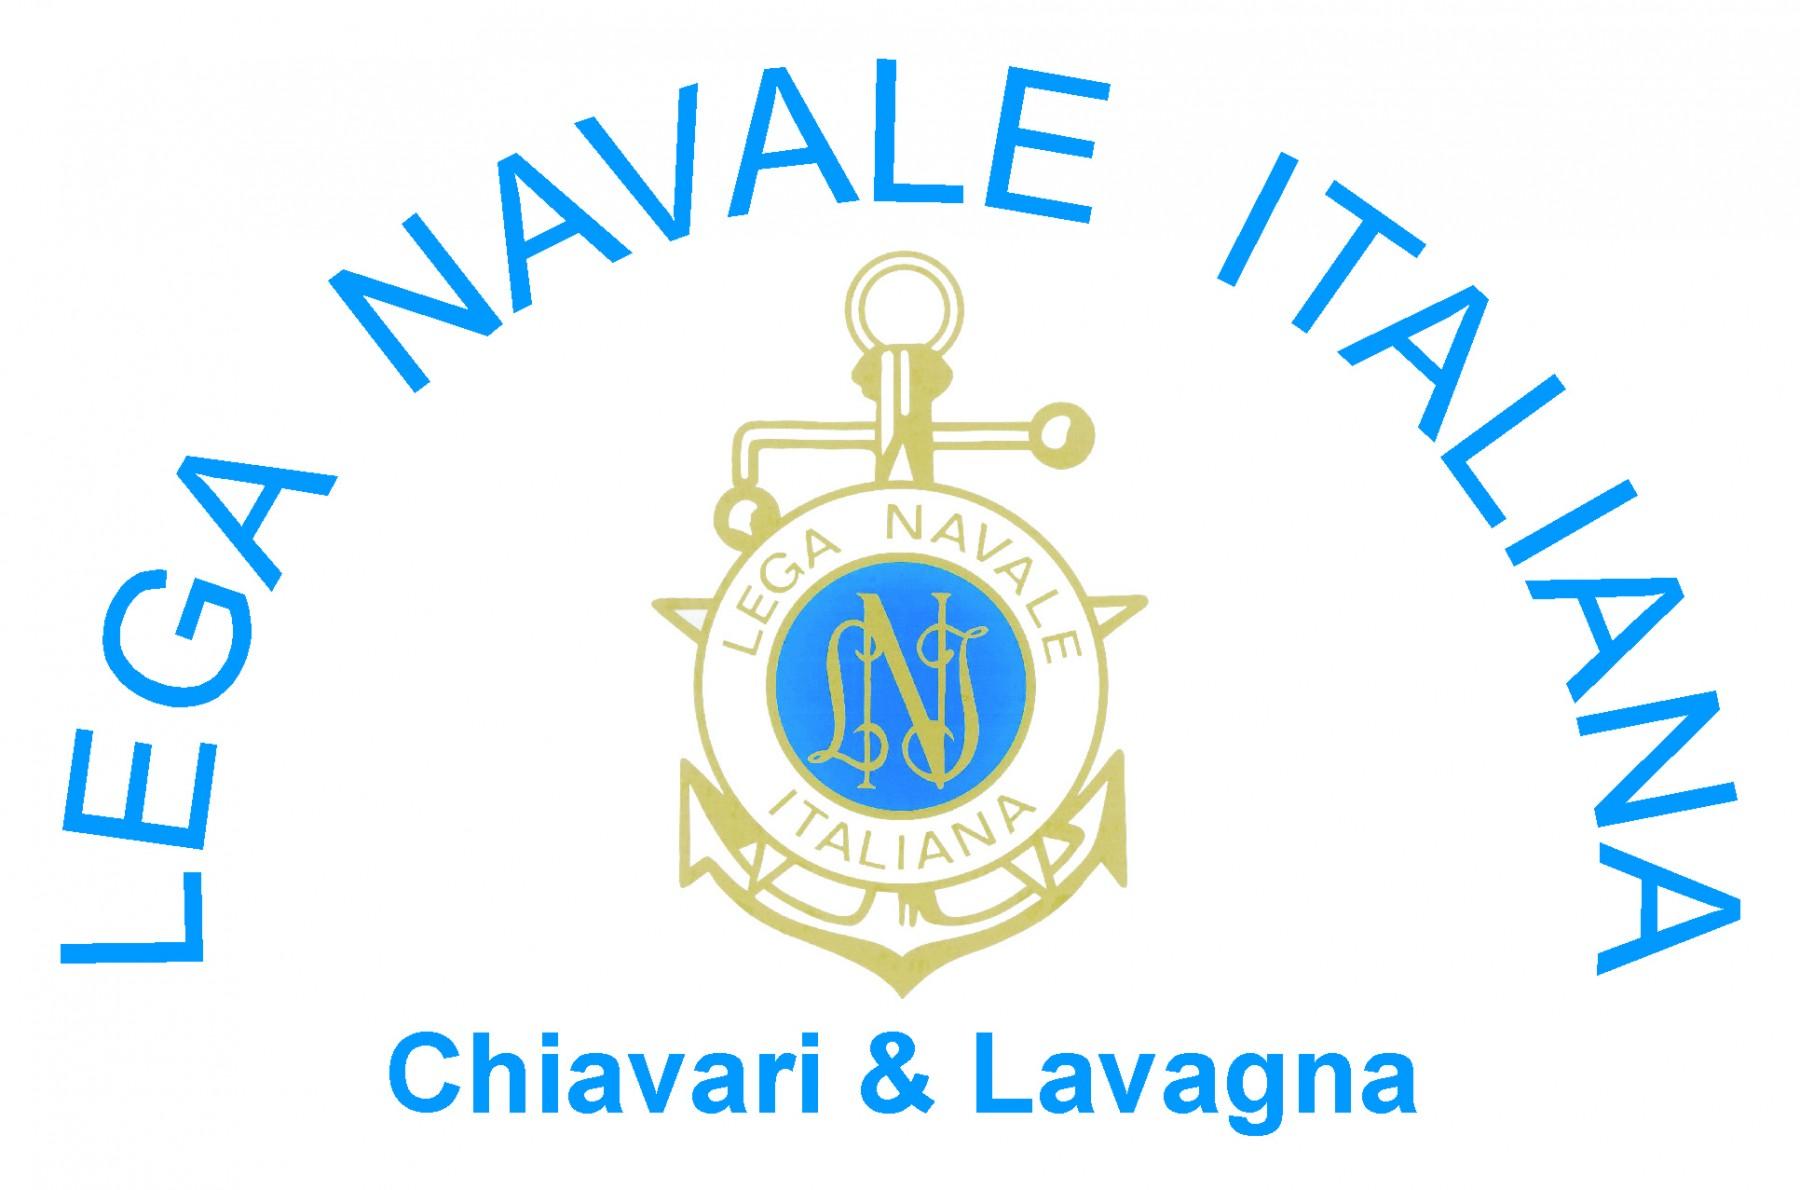 logo-LEGA-NAVALE-CHIAVARI-sez-LNI-2014